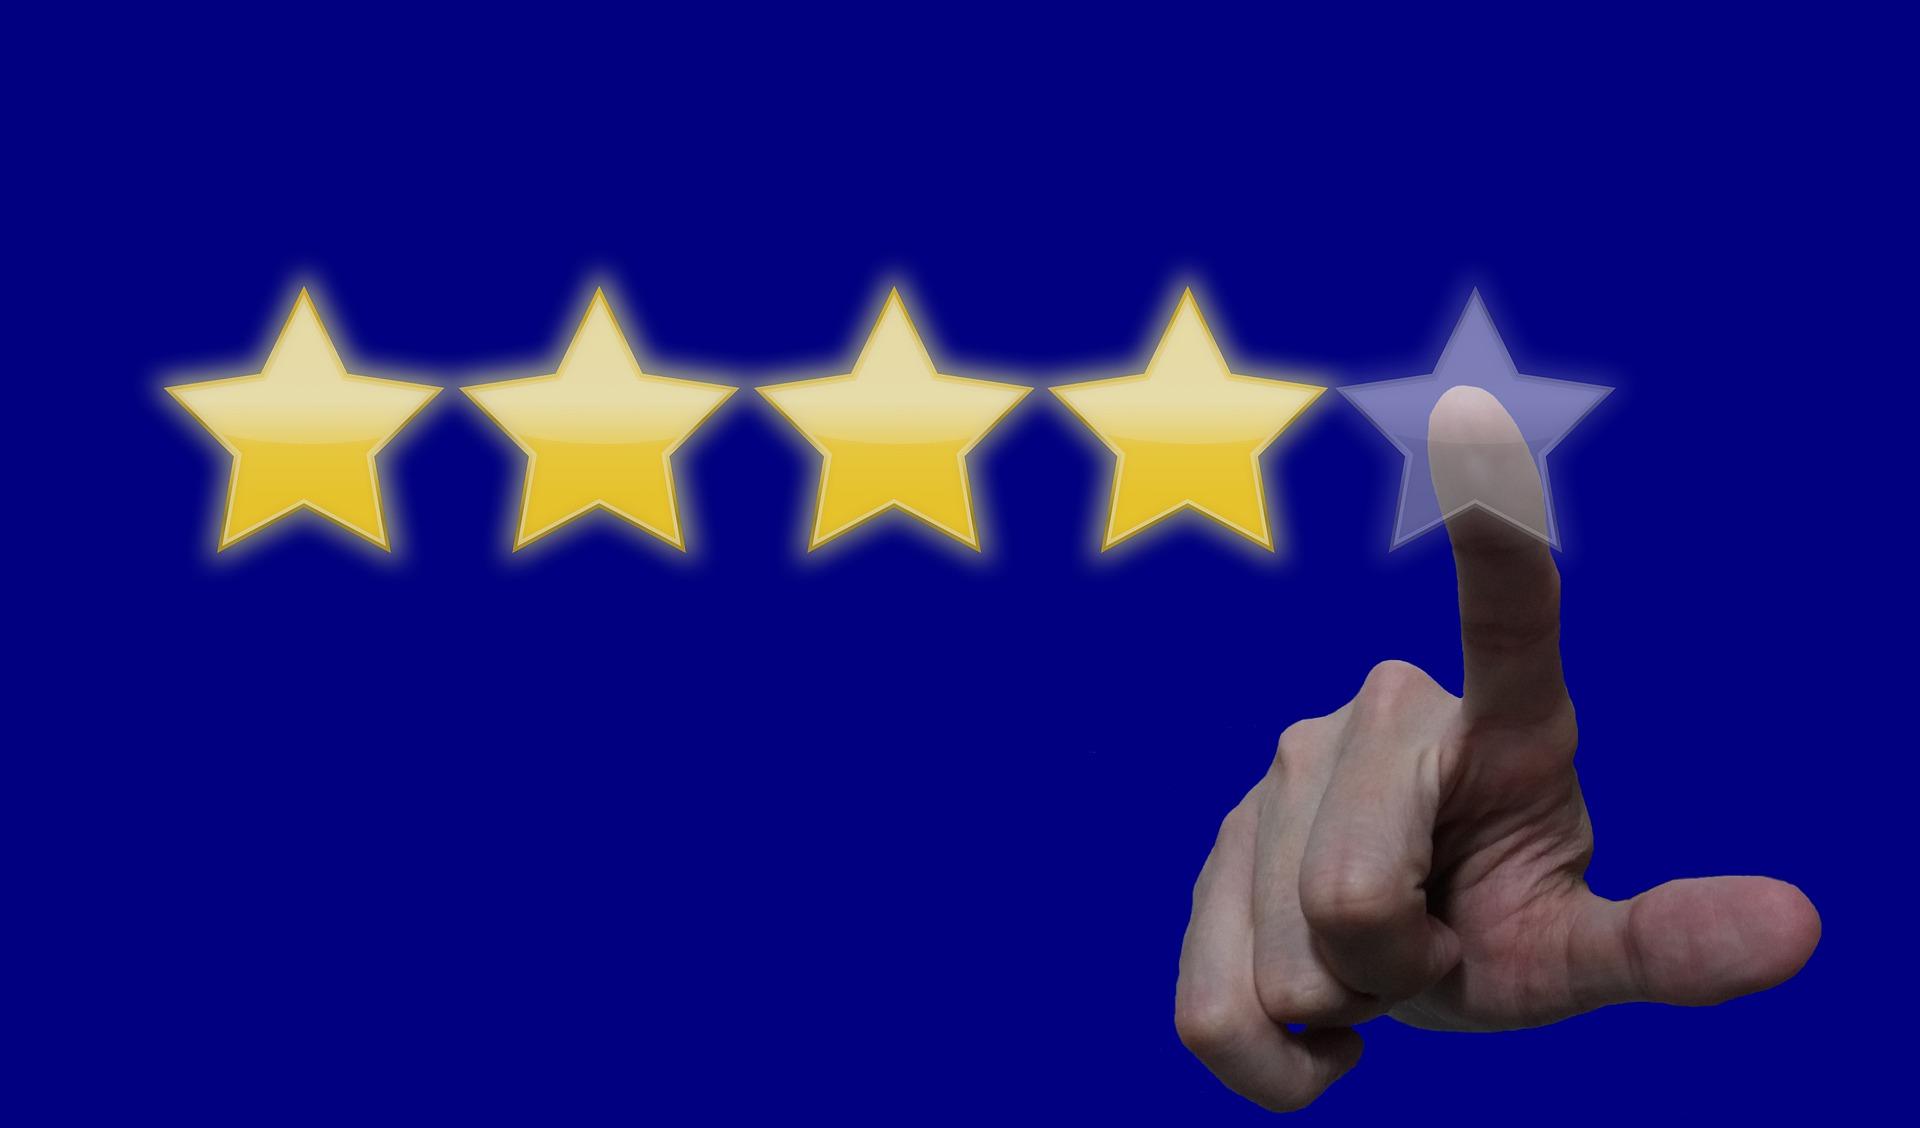 星を指さす手